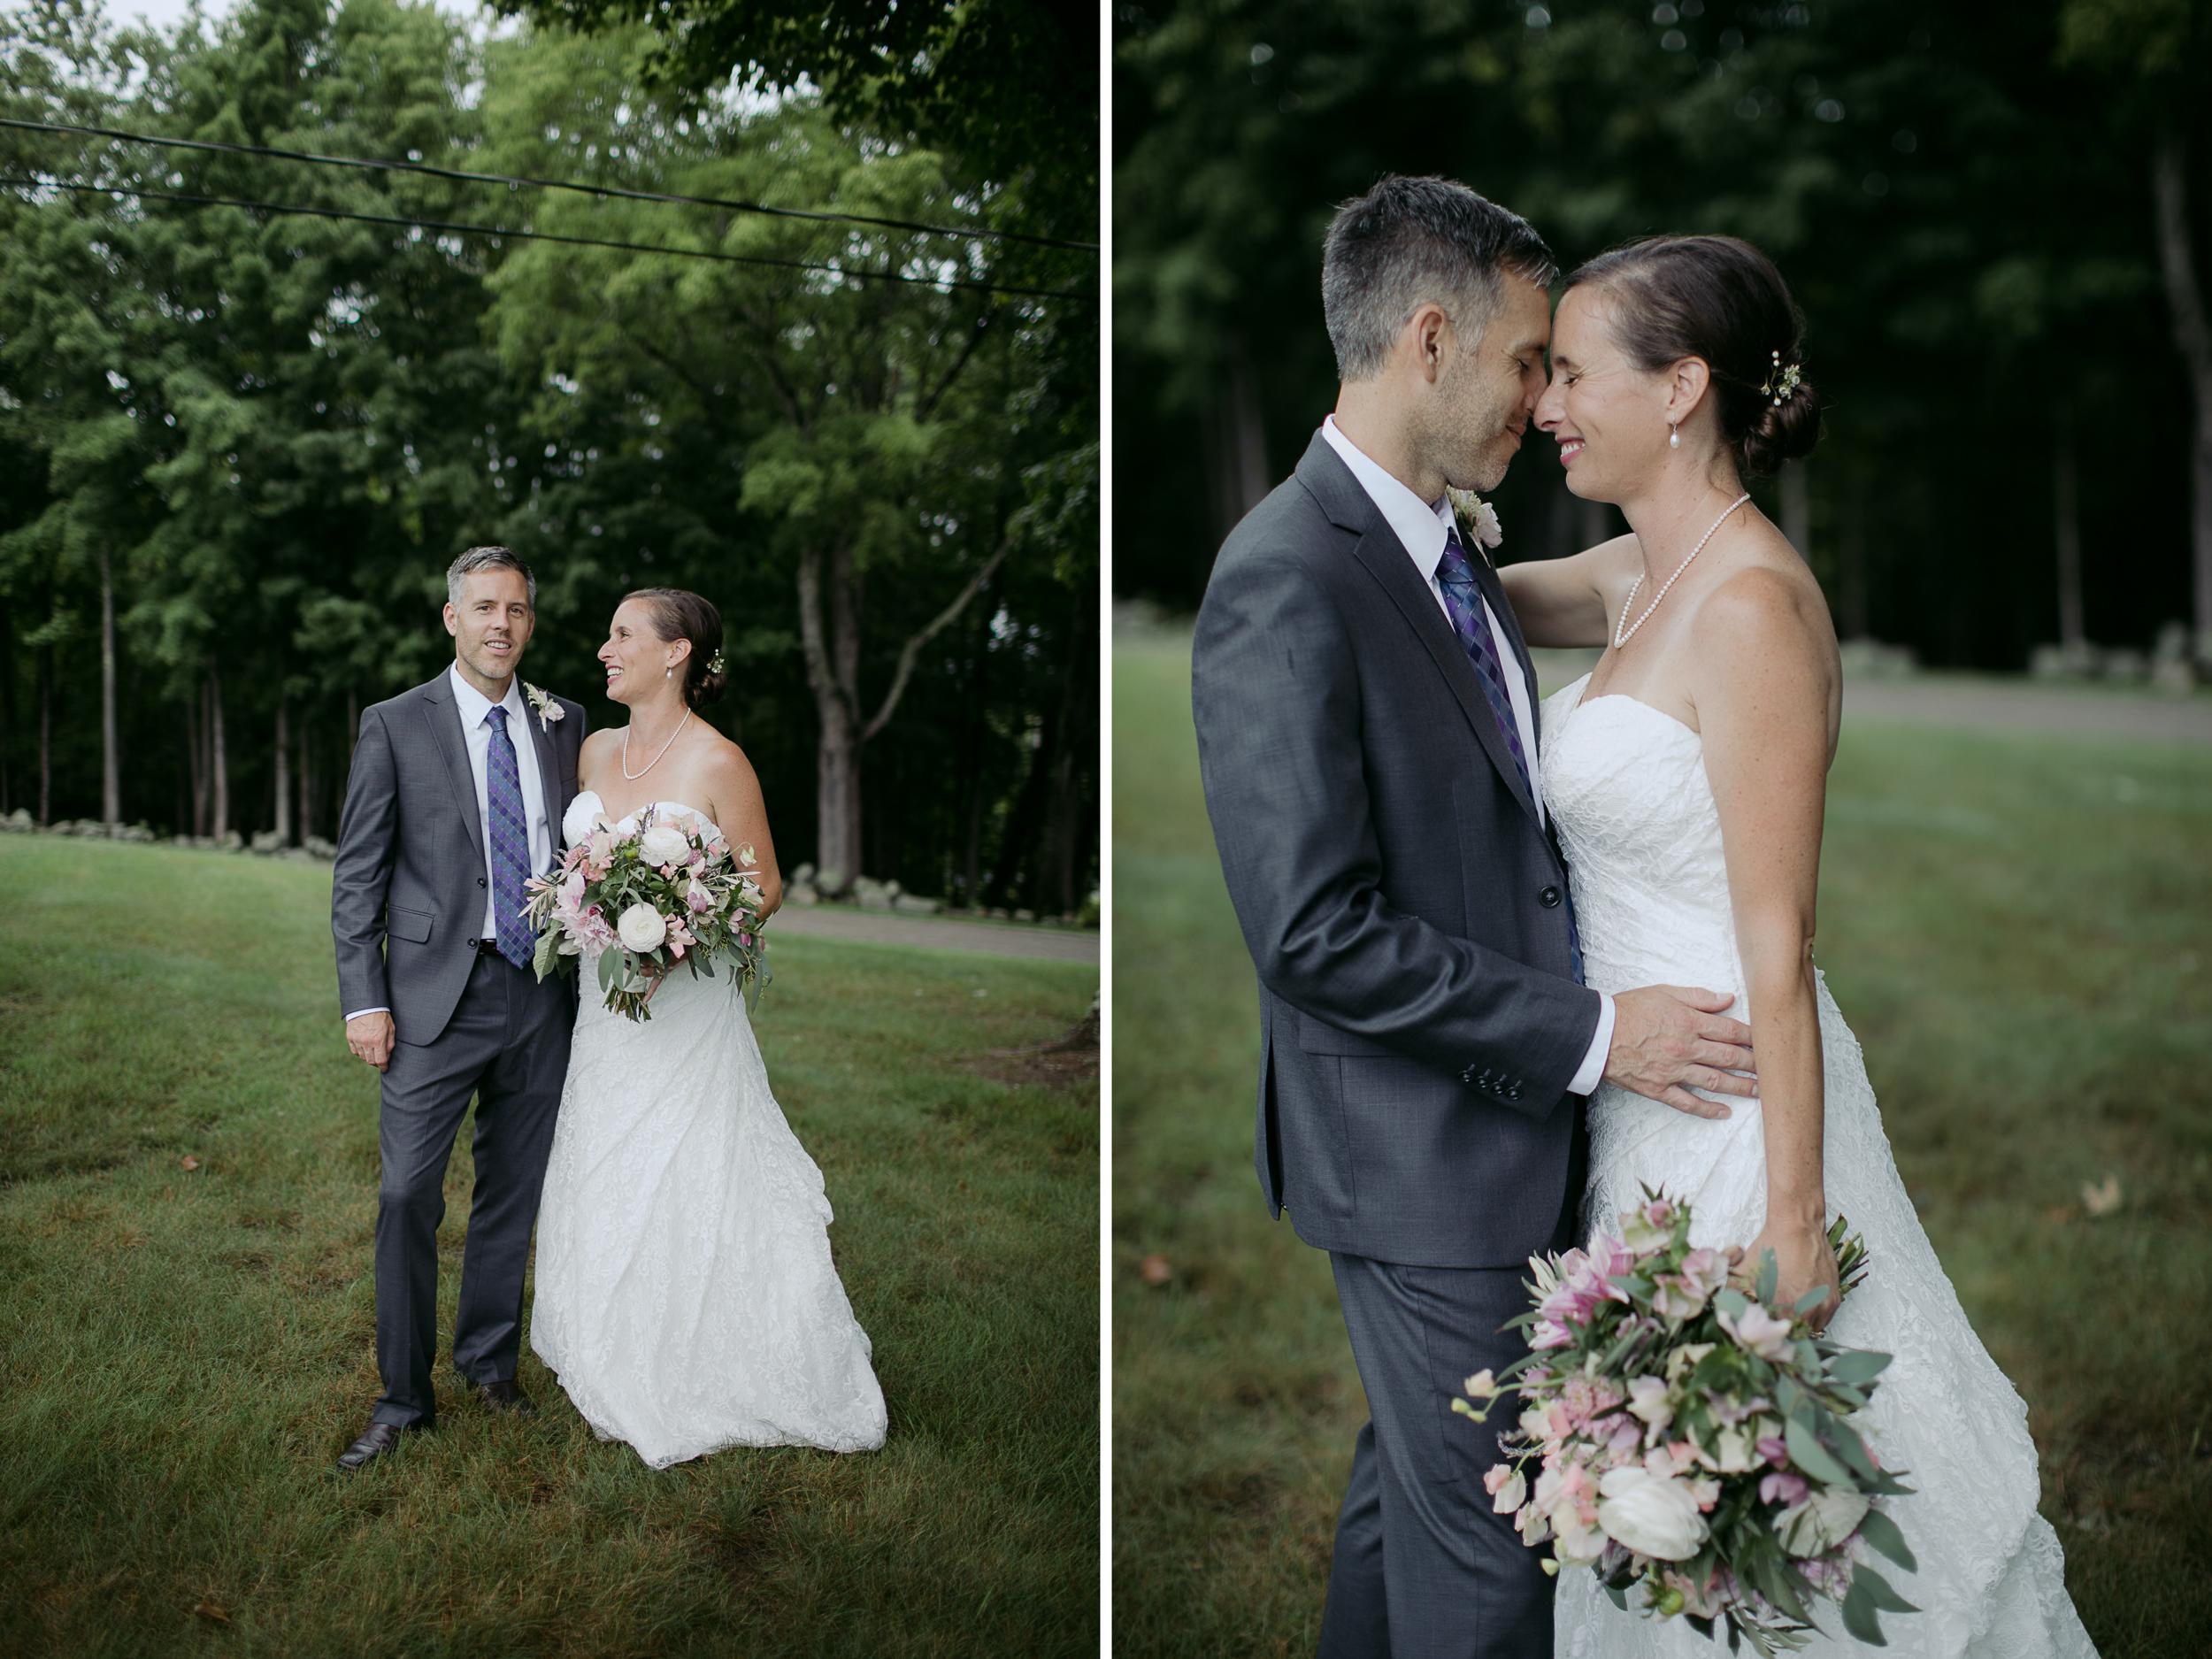 william_allen_farm_pownal_wedding_maine_michelleben-7.jpg